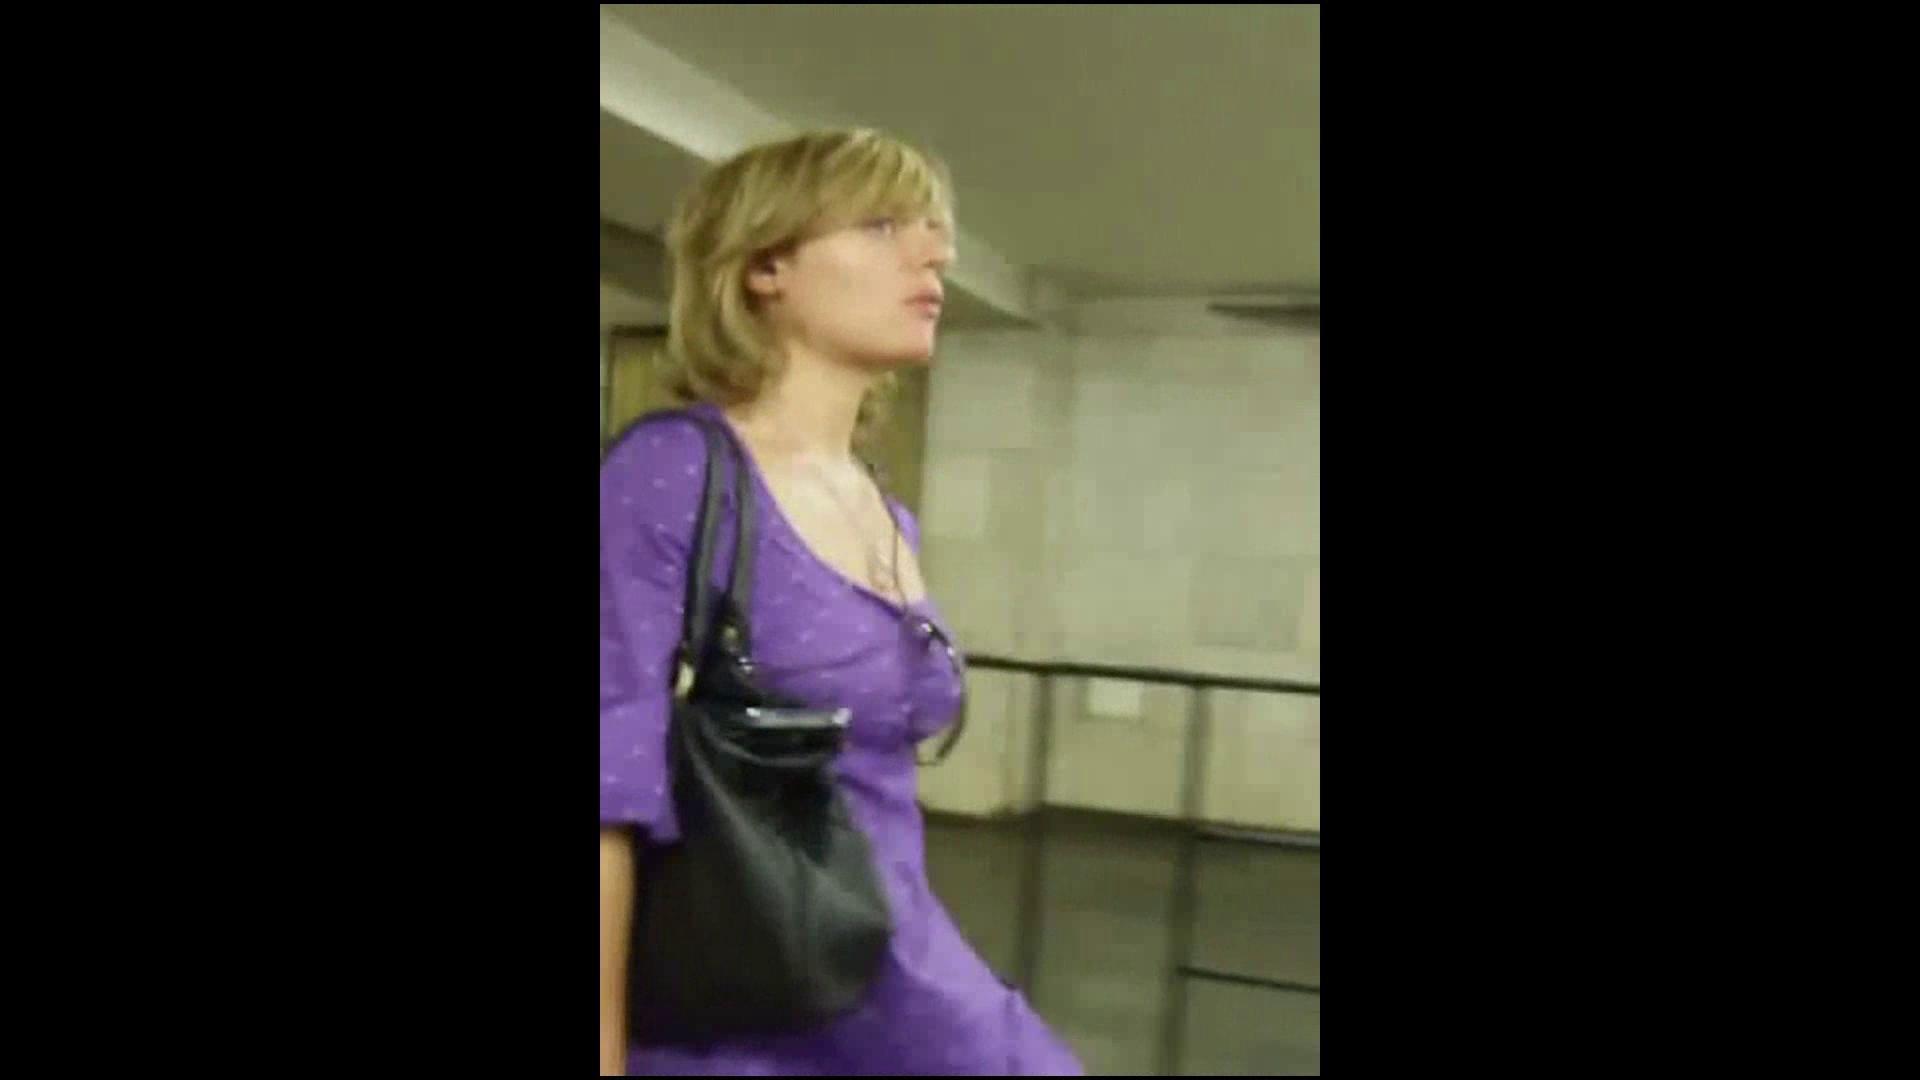 綺麗なモデルさんのスカート捲っちゃおう‼vol01 OLエロ画像  79PICs 48